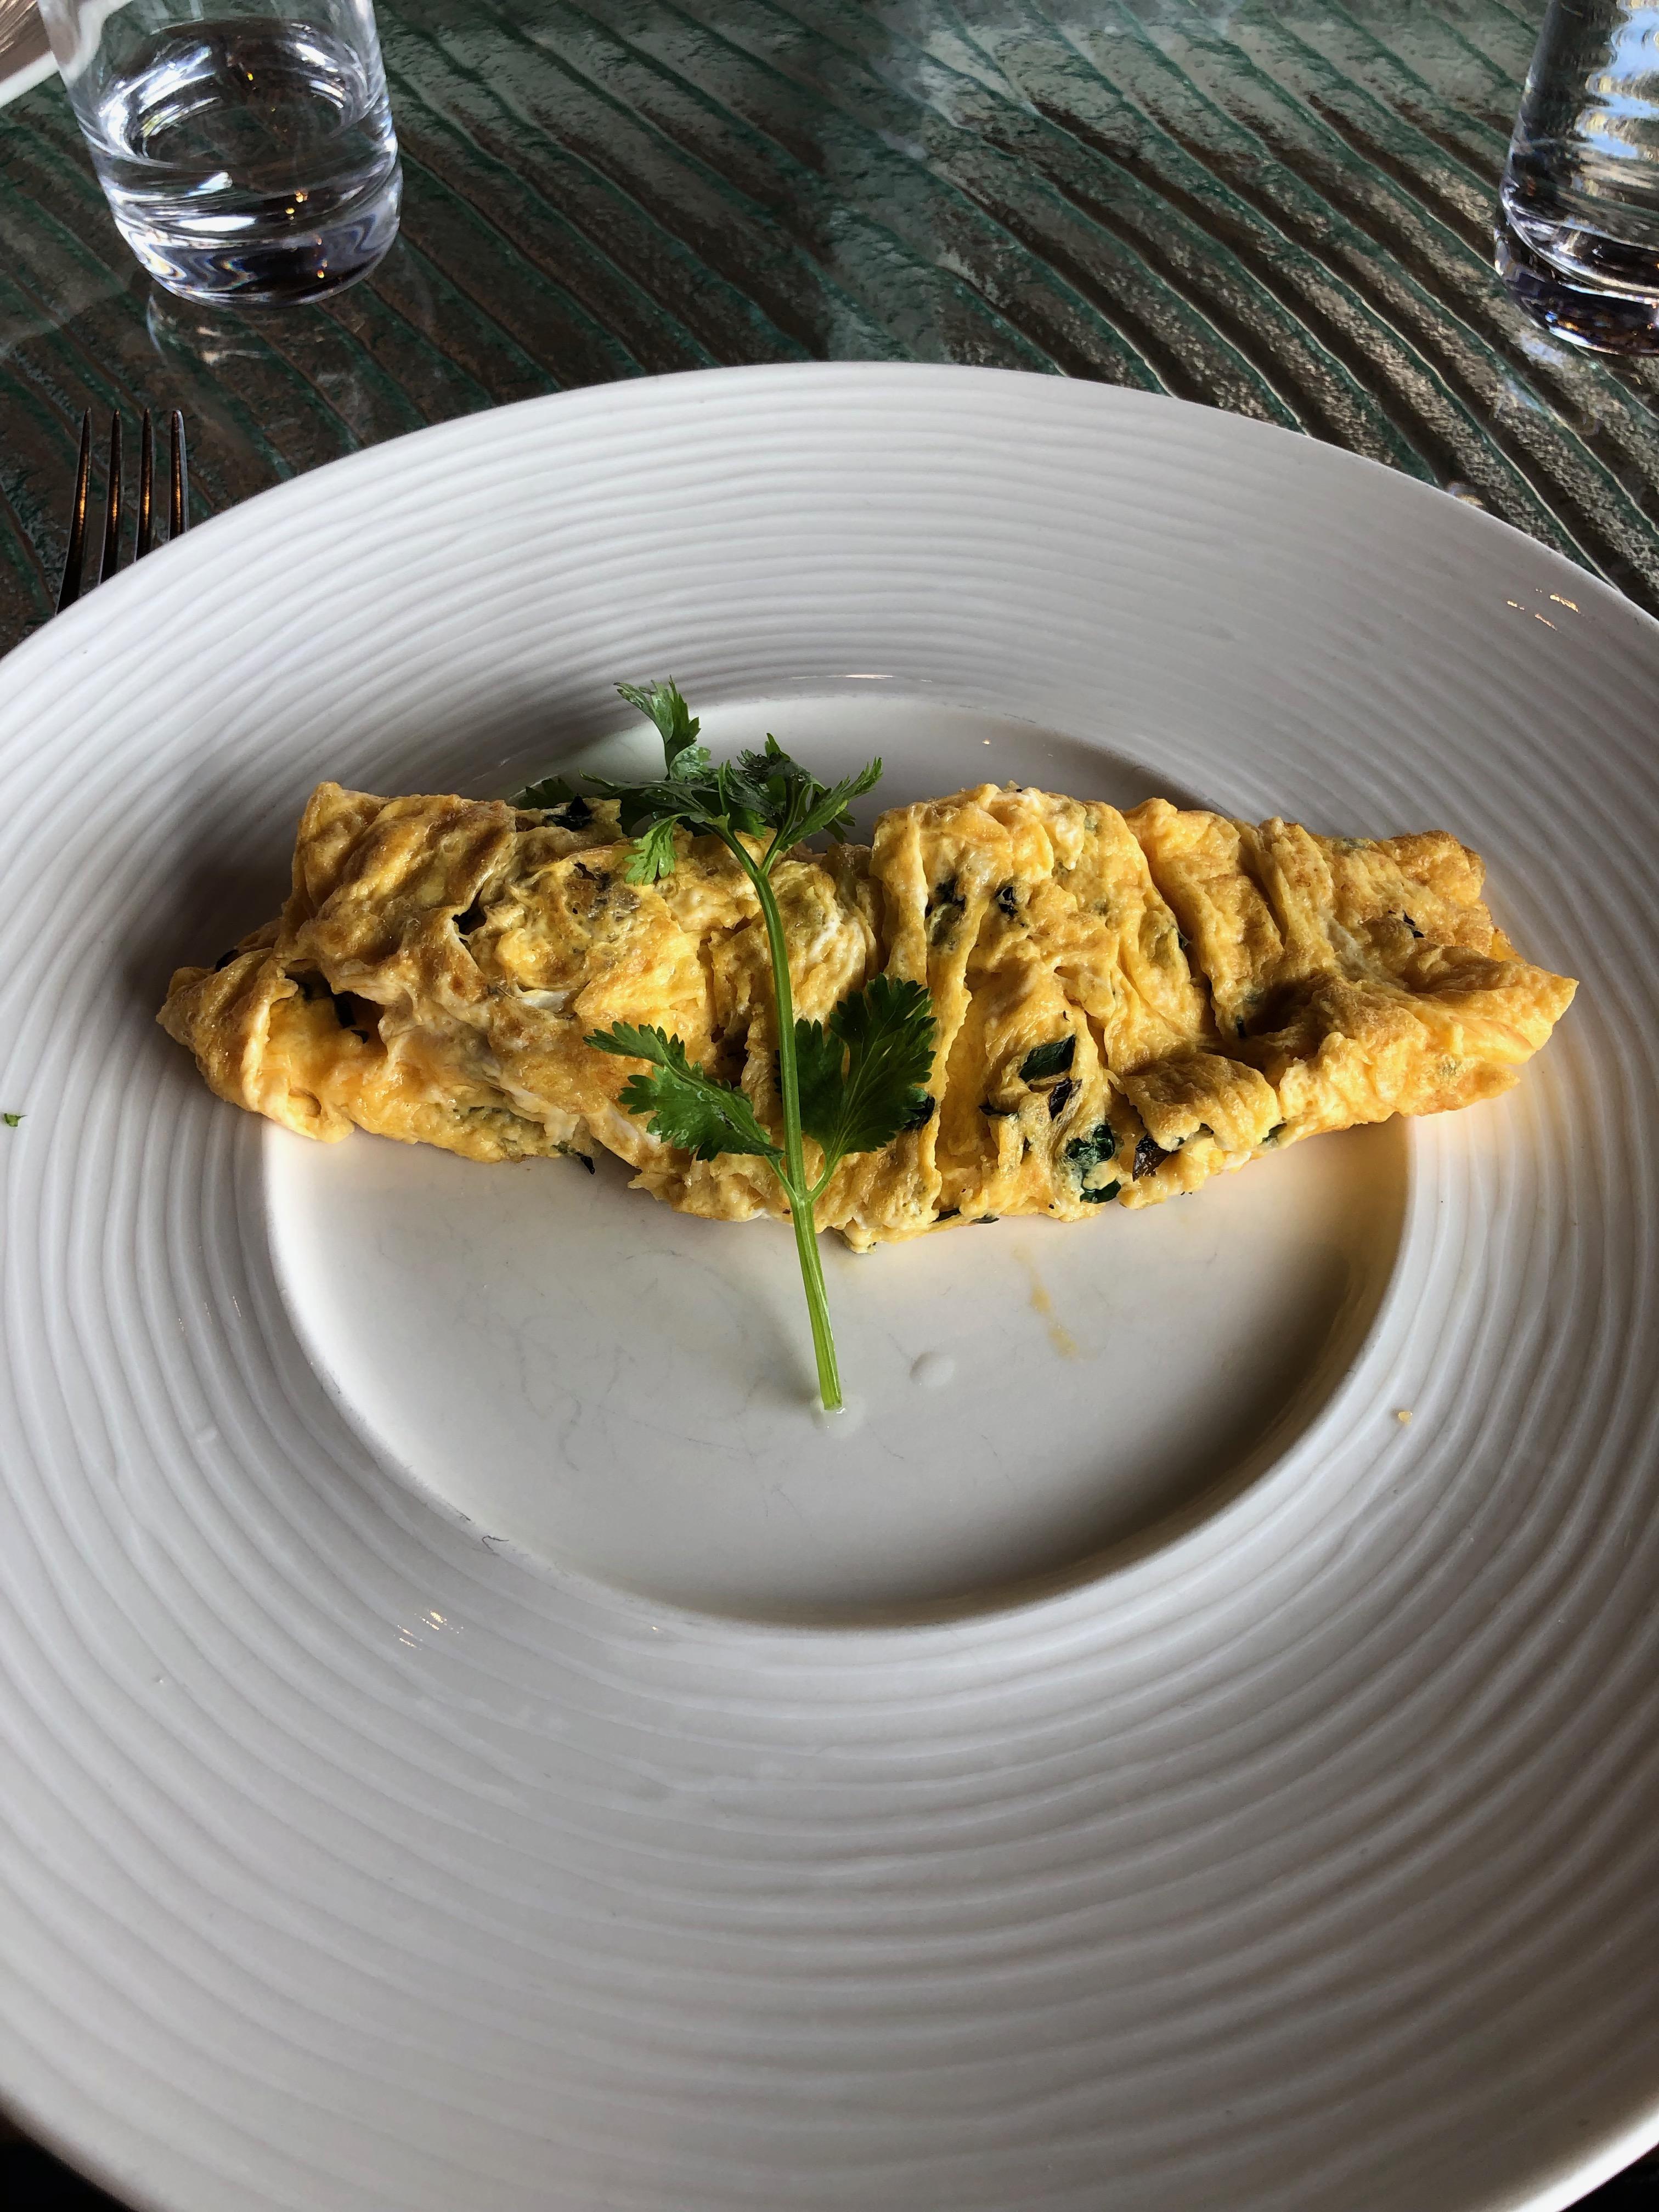 Conrad Maldives Vilu Restaurant made to order Maldivian omelet